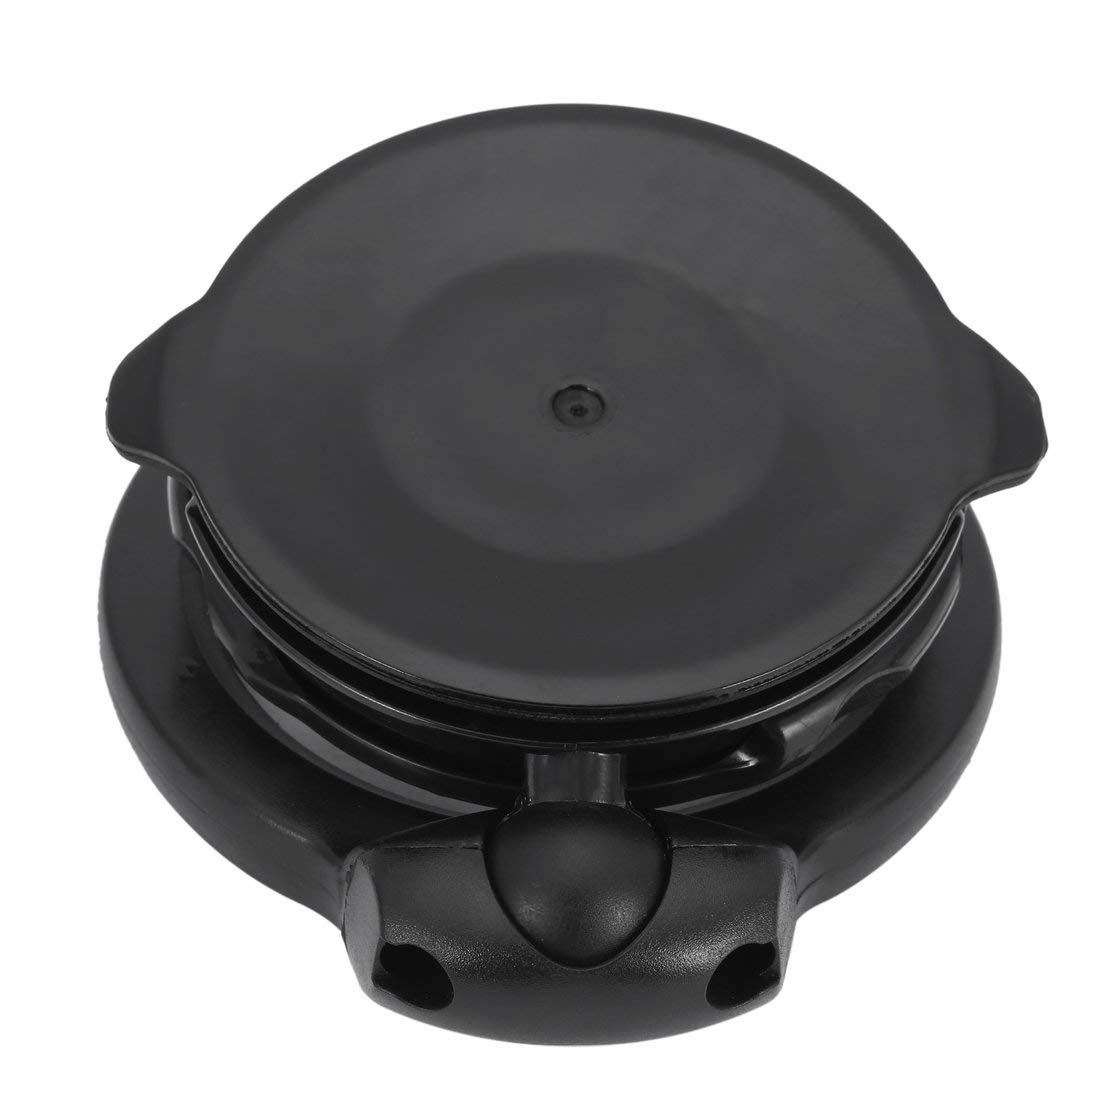 Support de Fixation pour Pare-Brise de Voiture /à Ventouse pour Tomtom One 125 130 140 XL 335 XXL 550 pour Support de Ventilation pour stents GPS Tomtom